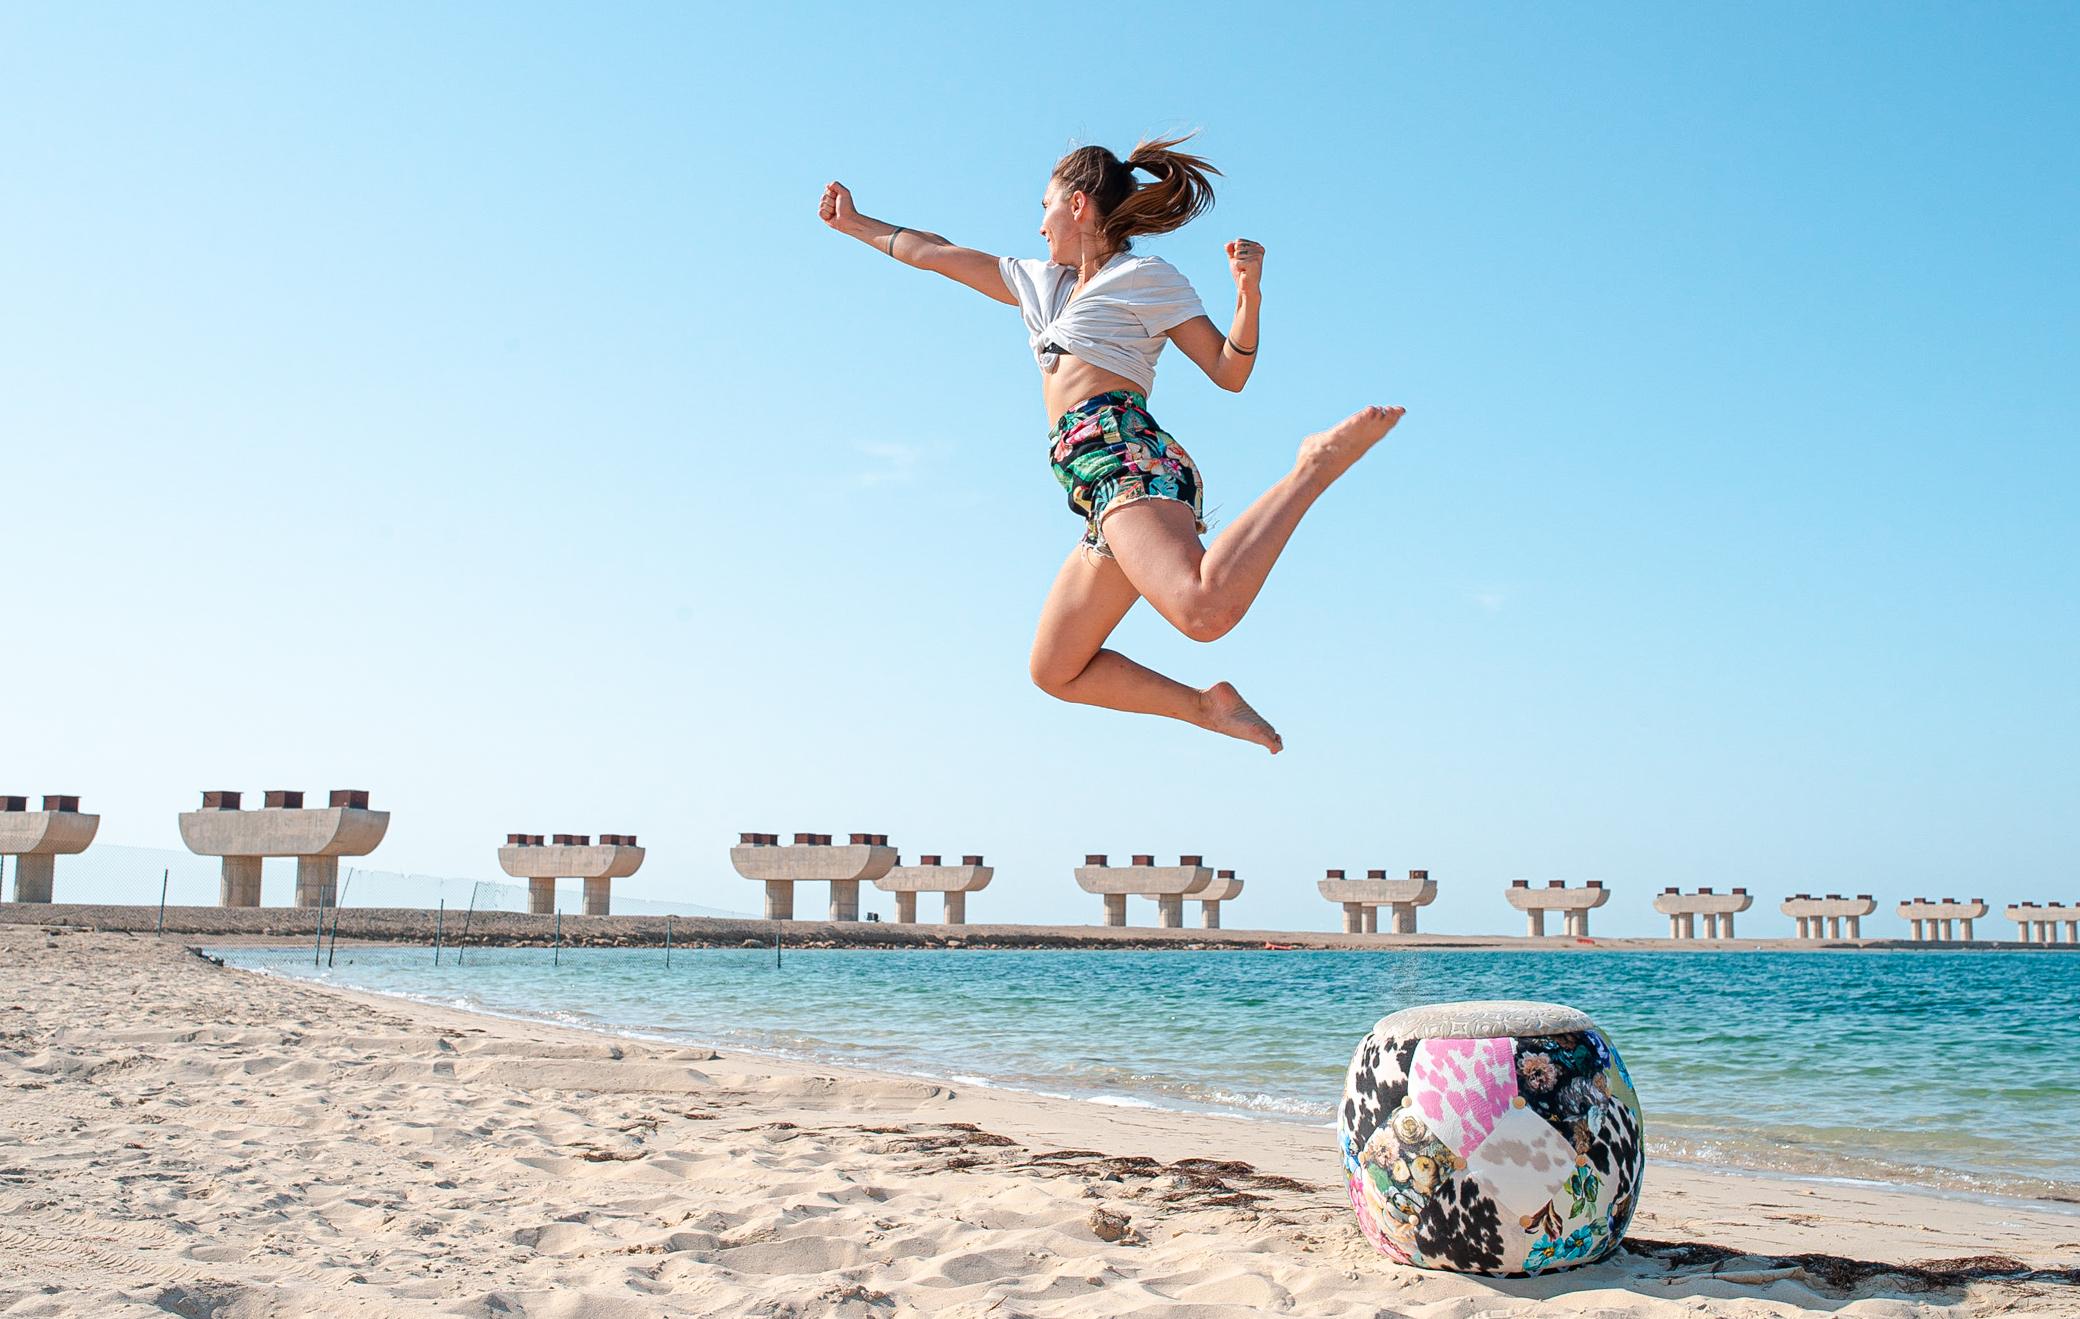 plage, eau, femme, saut, ciel, bleu, mouvement